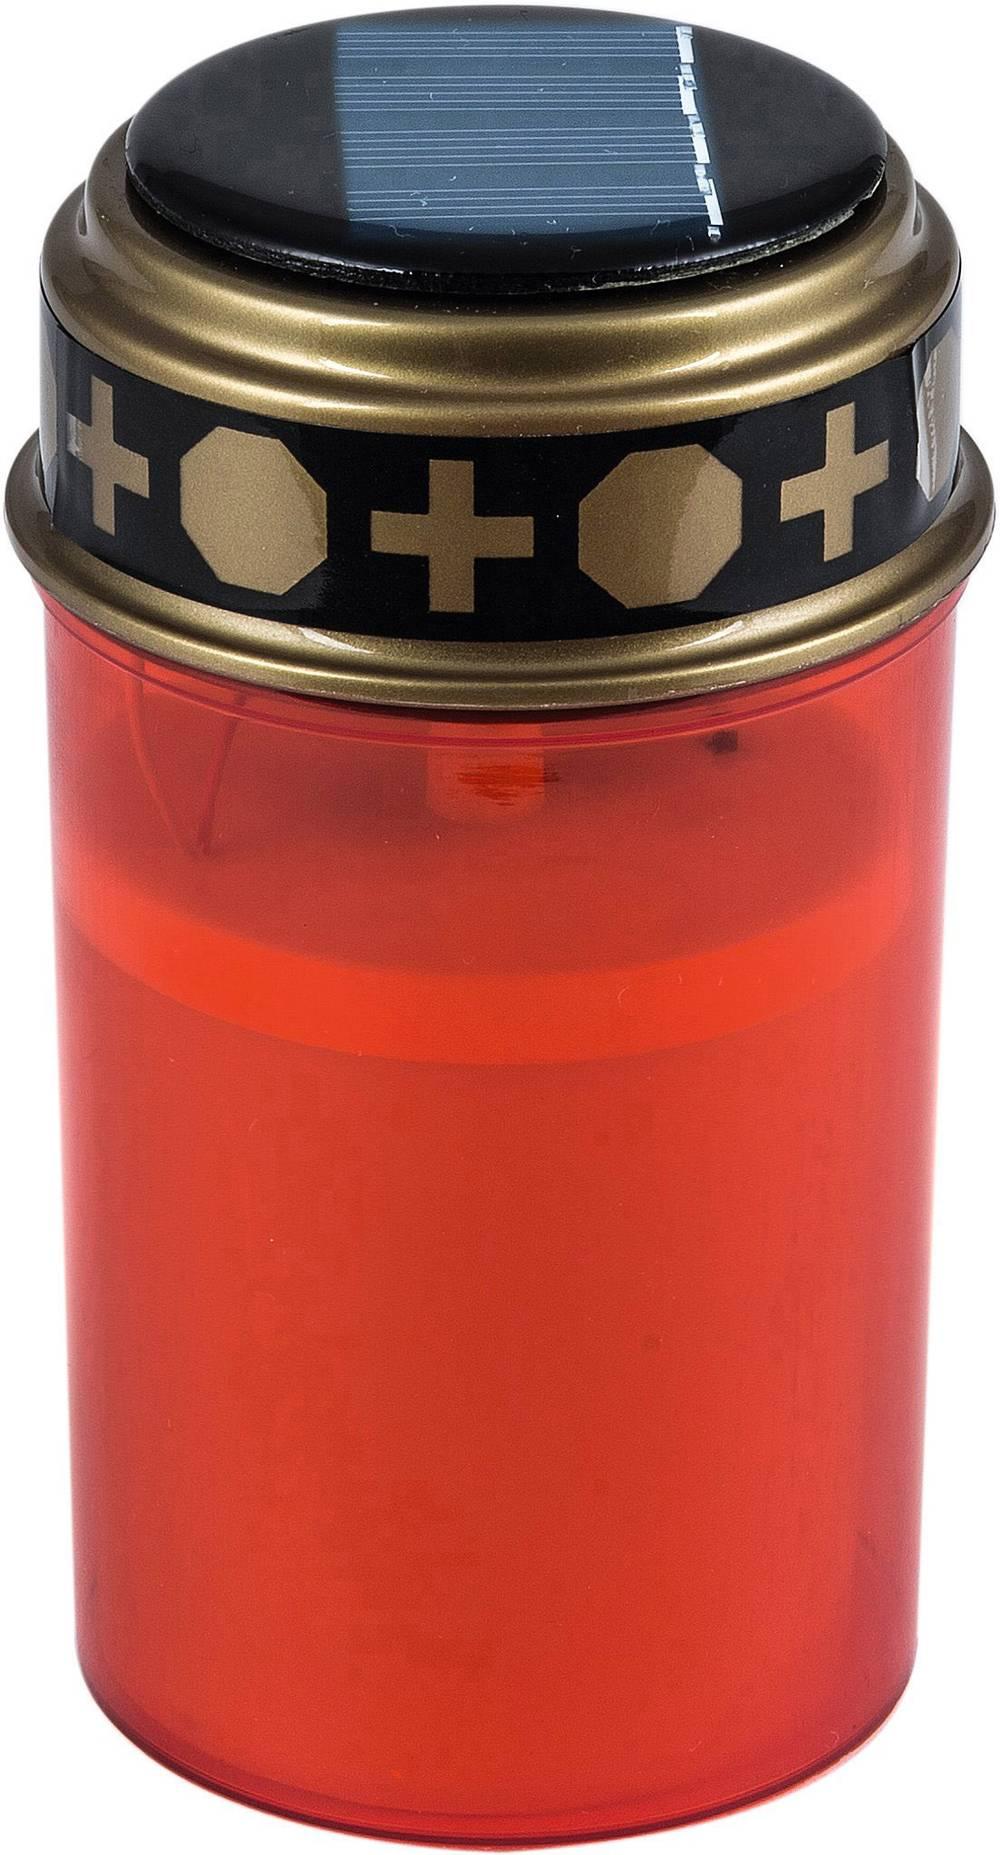 Heitronic-35960-Solar-Grablicht-LED-Gelb-Rot Indexbild 2